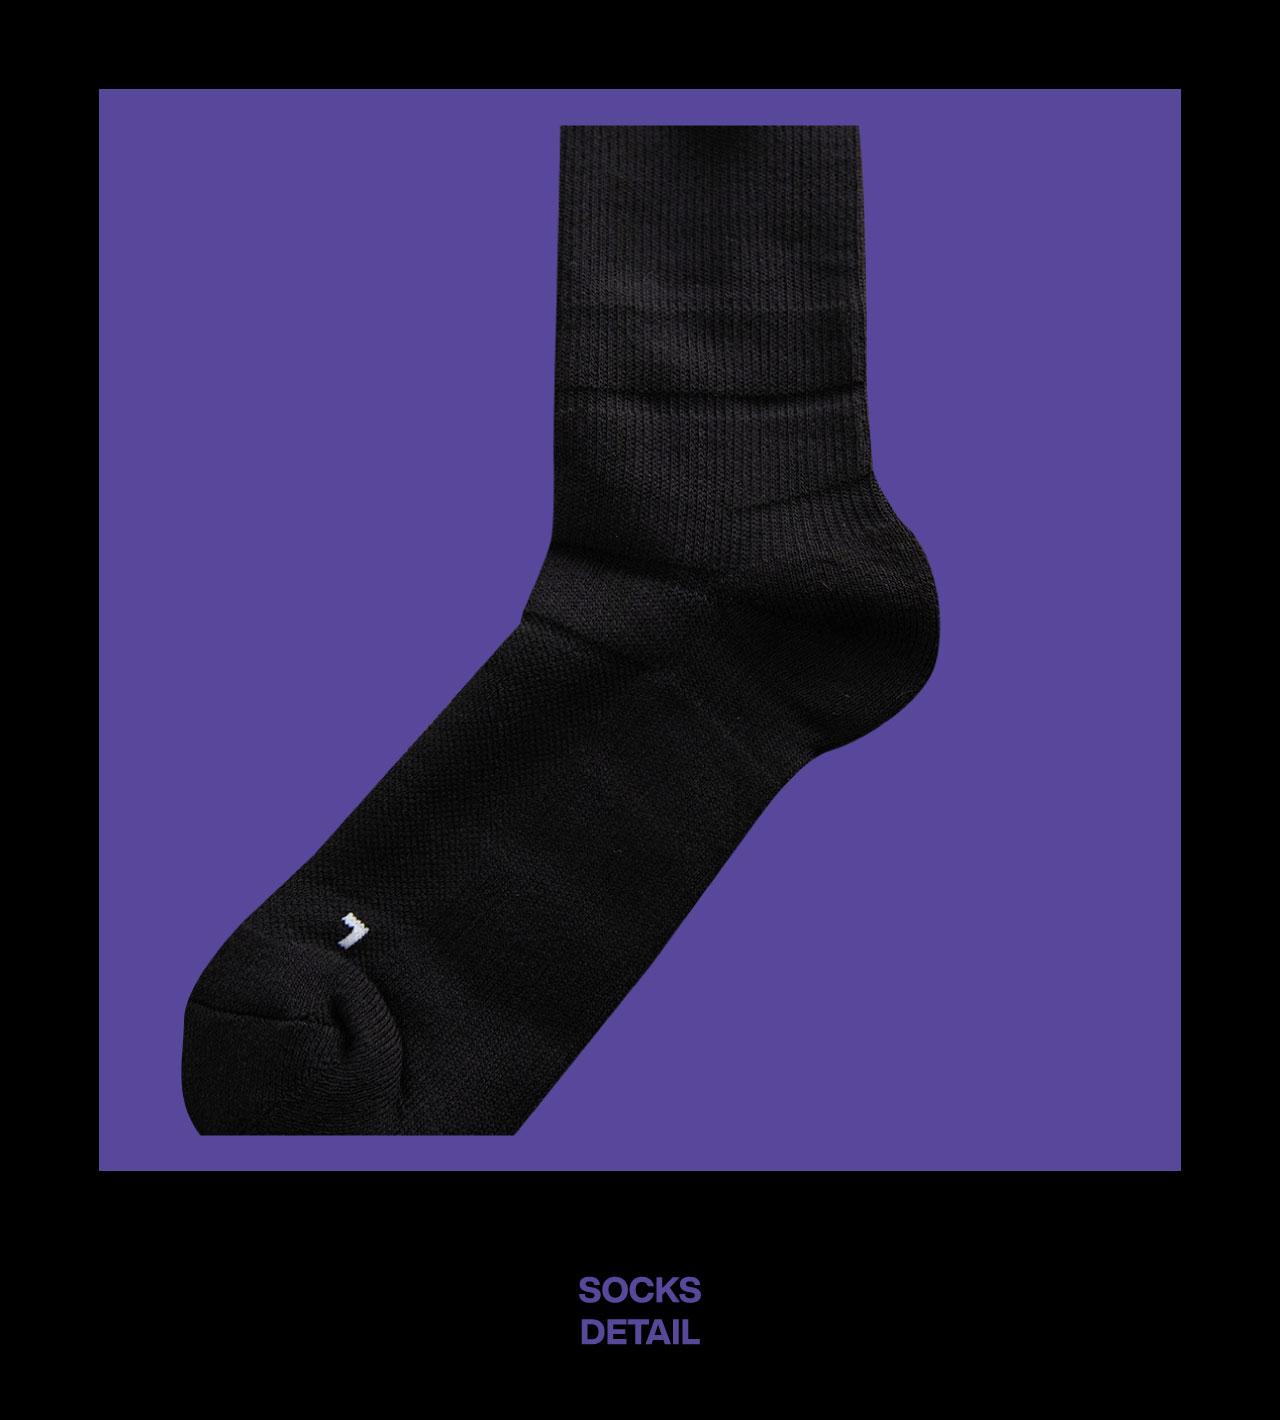 運動襪,imbc,台灣製造,吸濕排汗